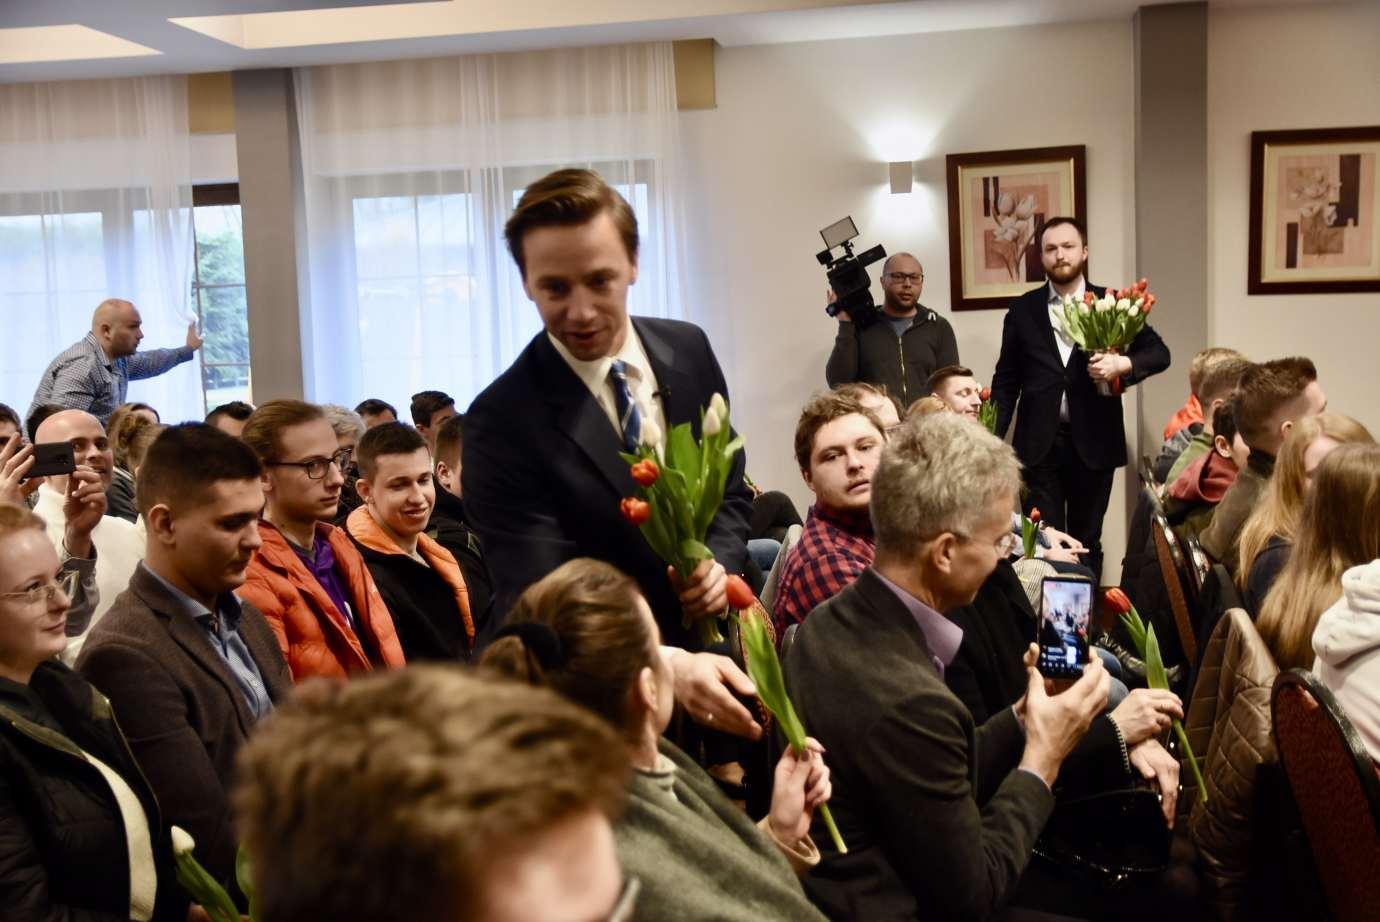 dsc 6653 Krzysztof Bosak w Zamościu. Zdjęcia i film